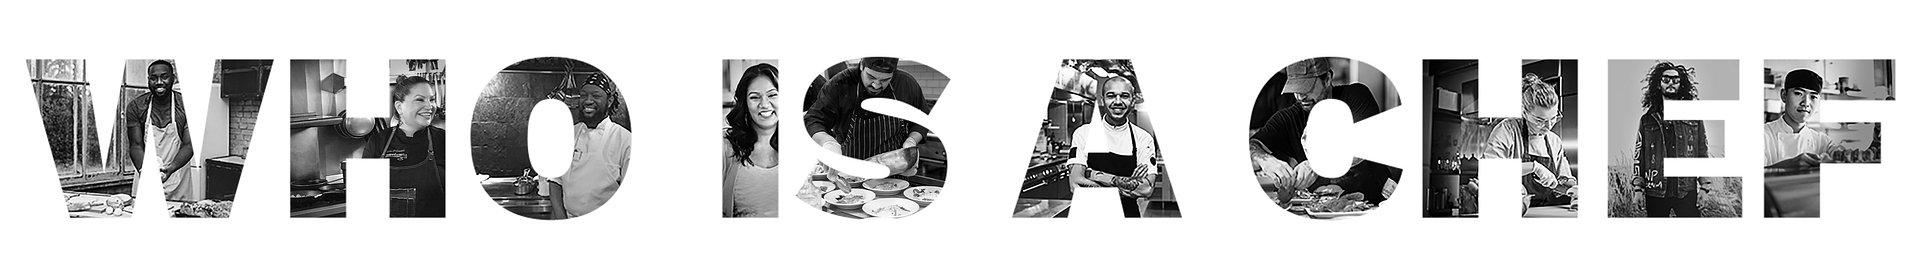 Meet Flint, Chef and Restaurant Launcher